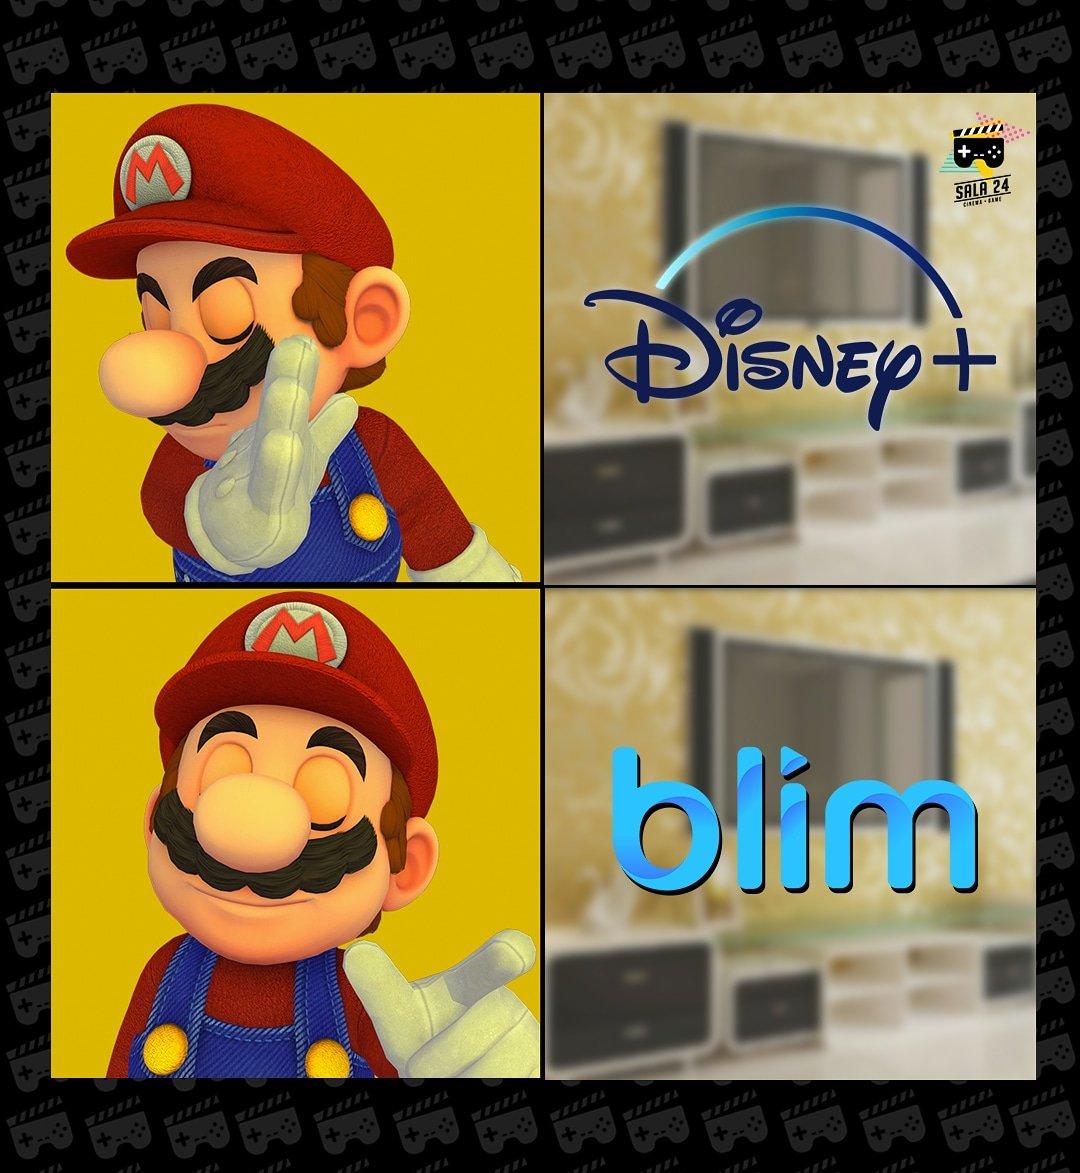 Espero que en #DisneyPlus esté #LaRosaDeGuadalupe.  ¿Están listos para la llegada de #Disney a sus carteras?    Para más contenido, visita http://www.sala24.com.mx #cine #cinema #mariobros #meme #videogames #videojuegos #memesvideojuegos #gamer #cinefilopic.twitter.com/WN8EL77Raj